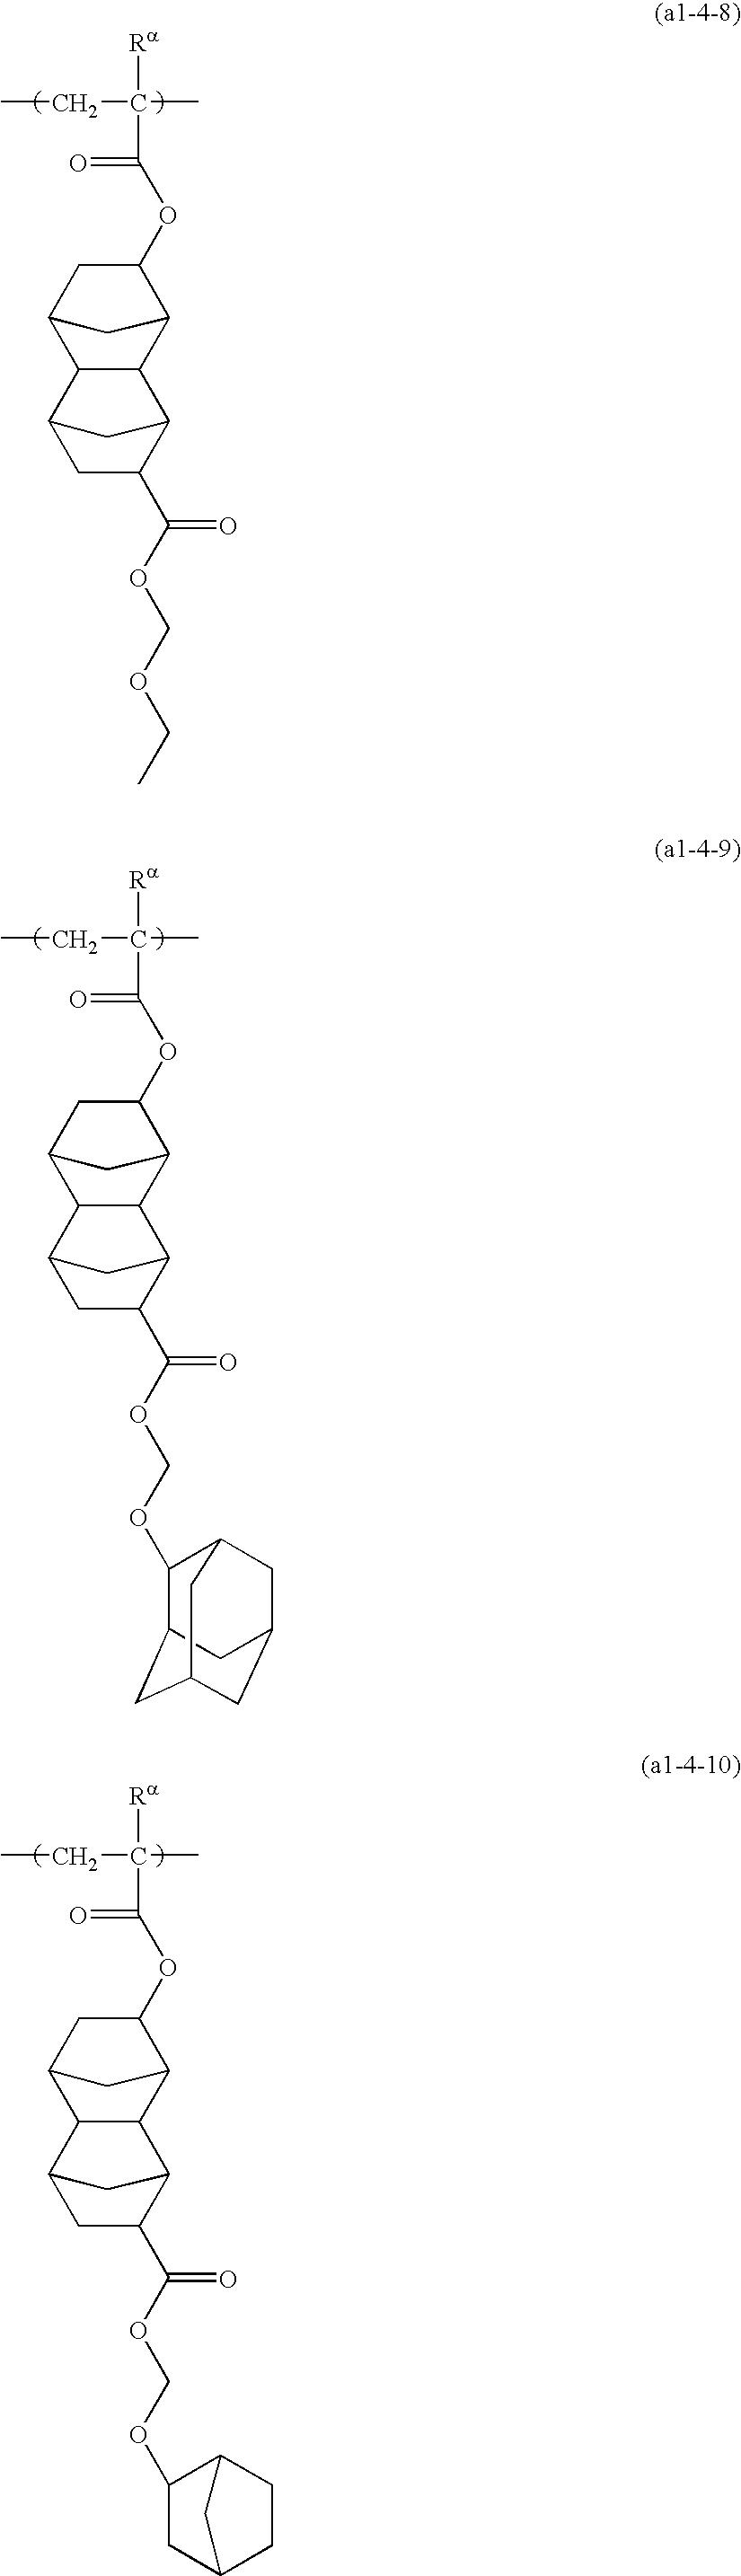 Figure US20100196821A1-20100805-C00045